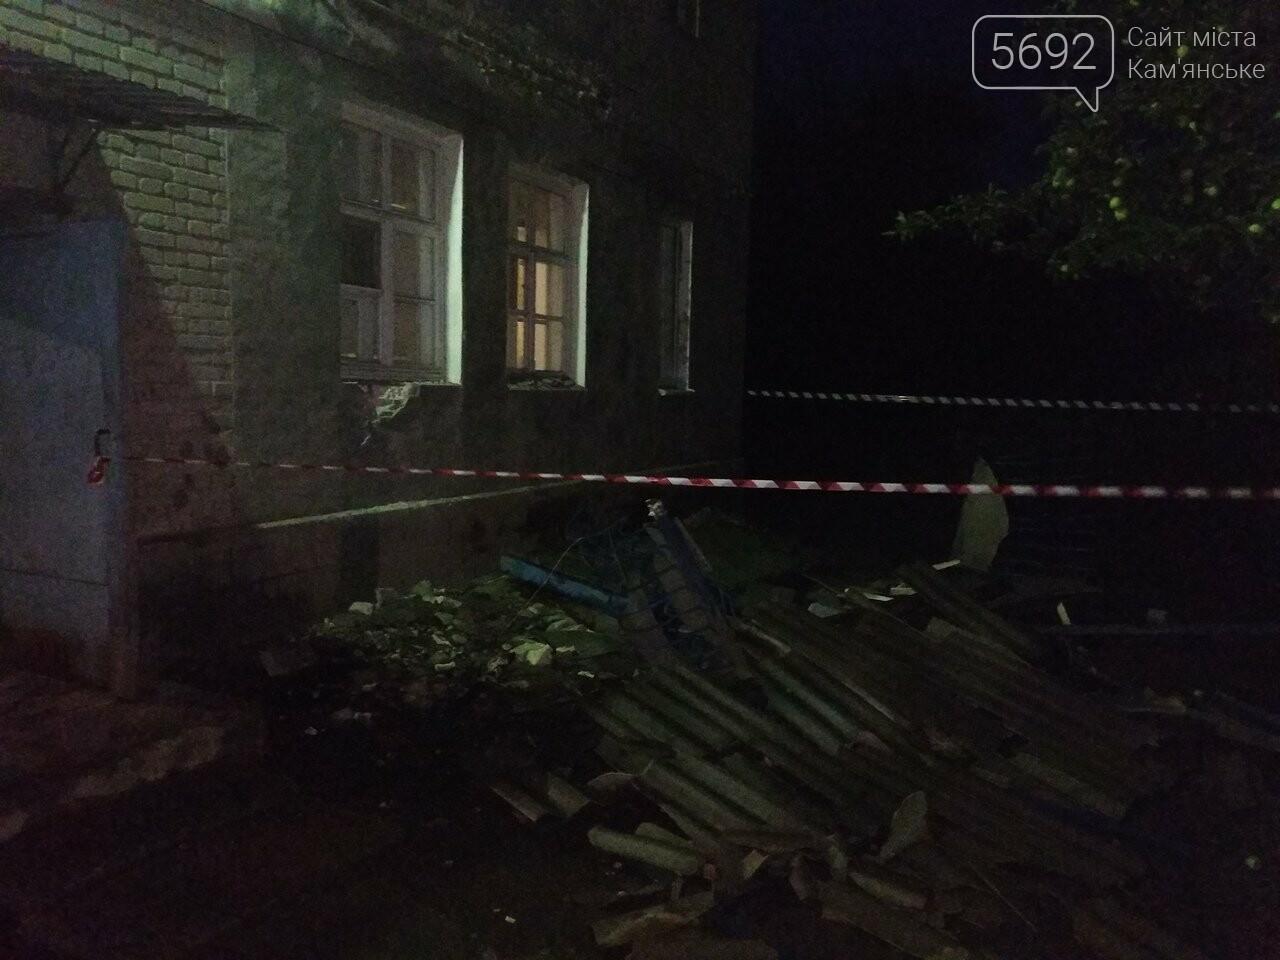 В Каменском упал балкон: есть пострадавшие, фото-5